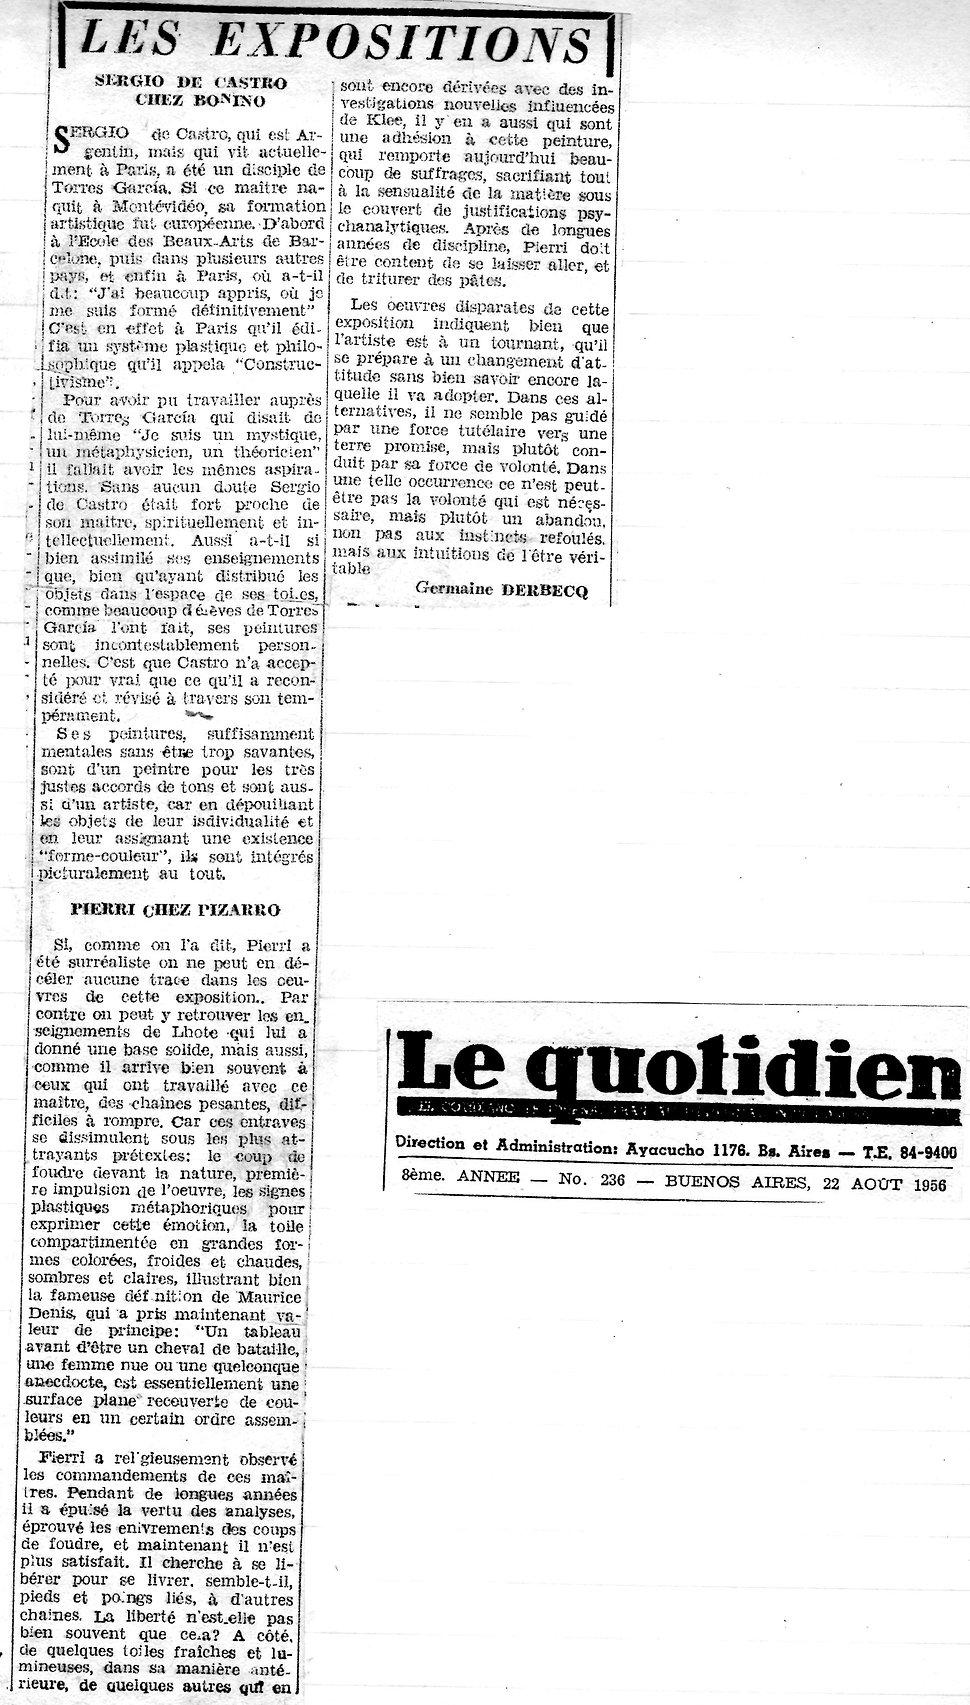 Le Quotidien  - Sergio de Castro Chez Bo